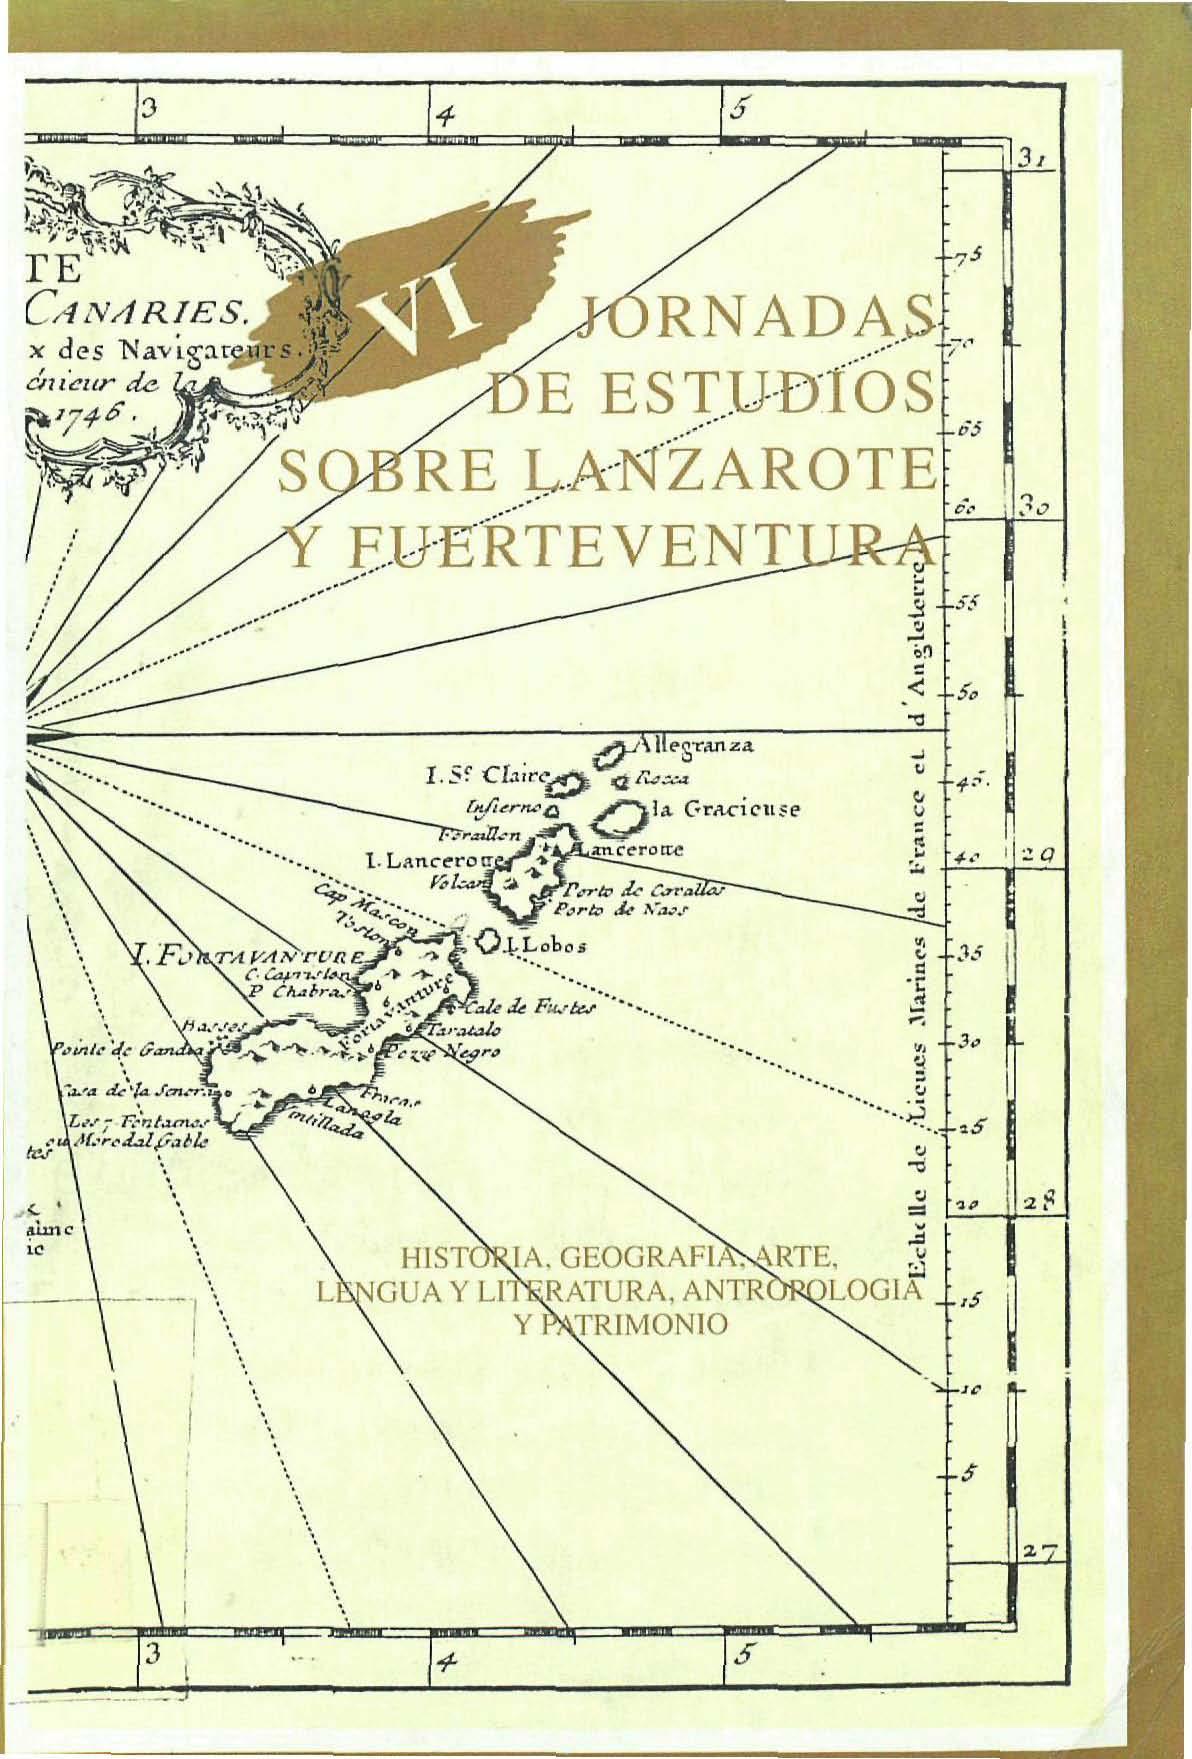 La mujer primitiva en Lanzarote y Fuerteventura entre la leyenda y la historia